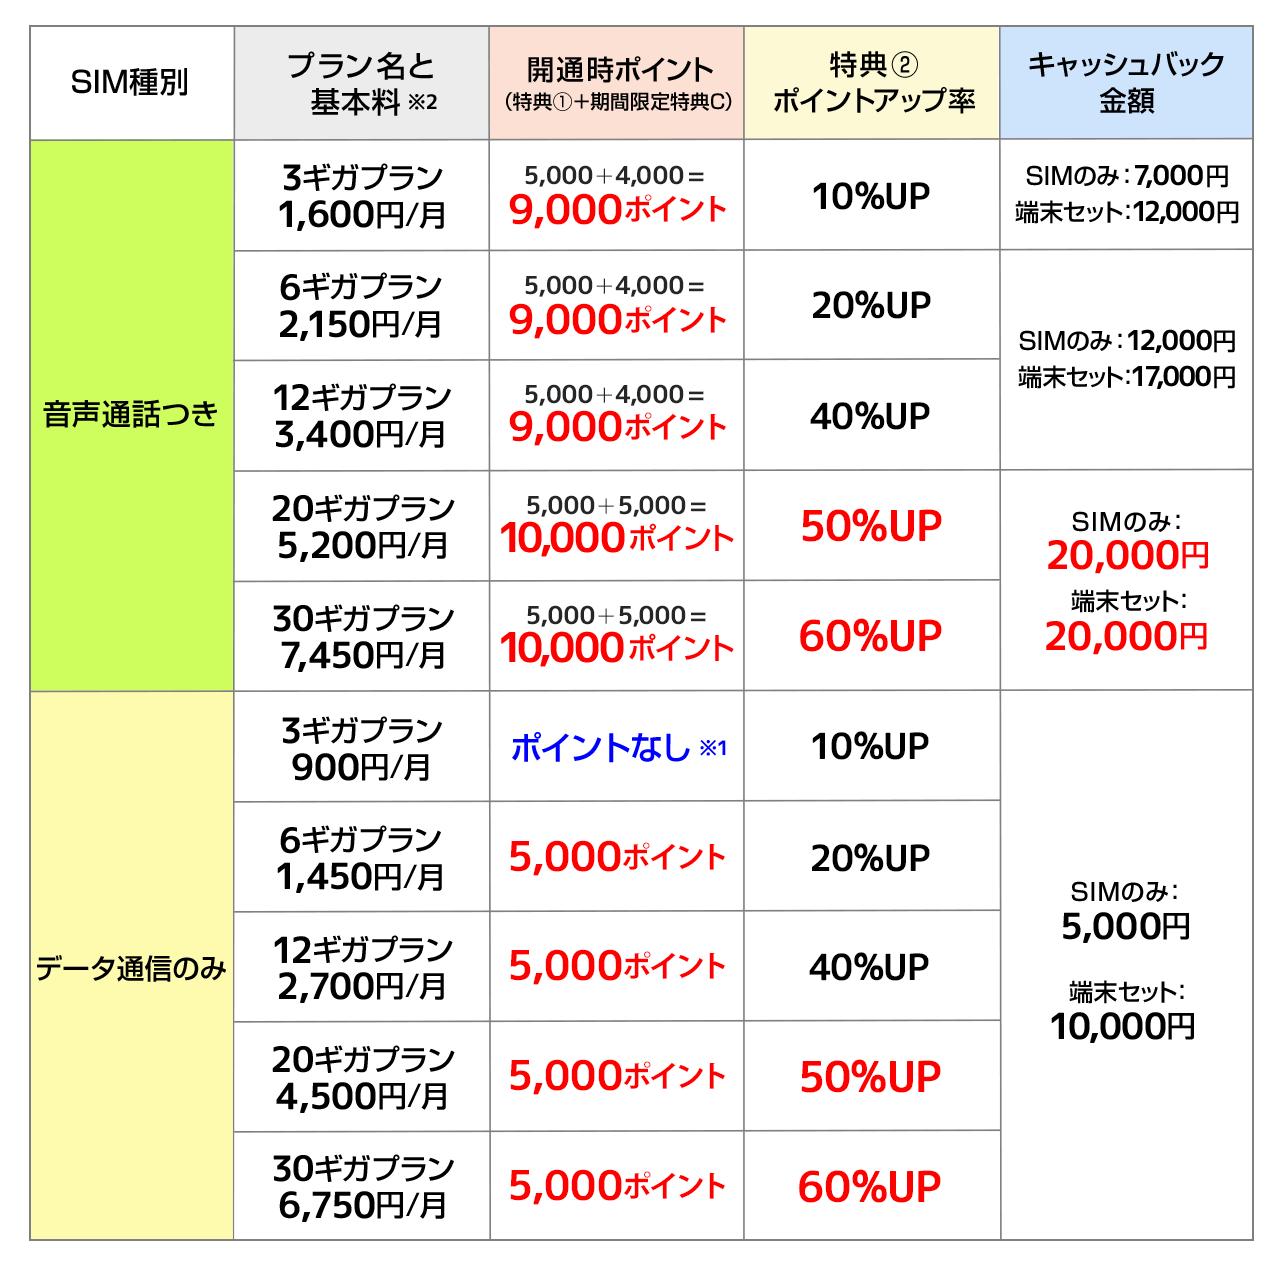 biglobe_graph_02_0801